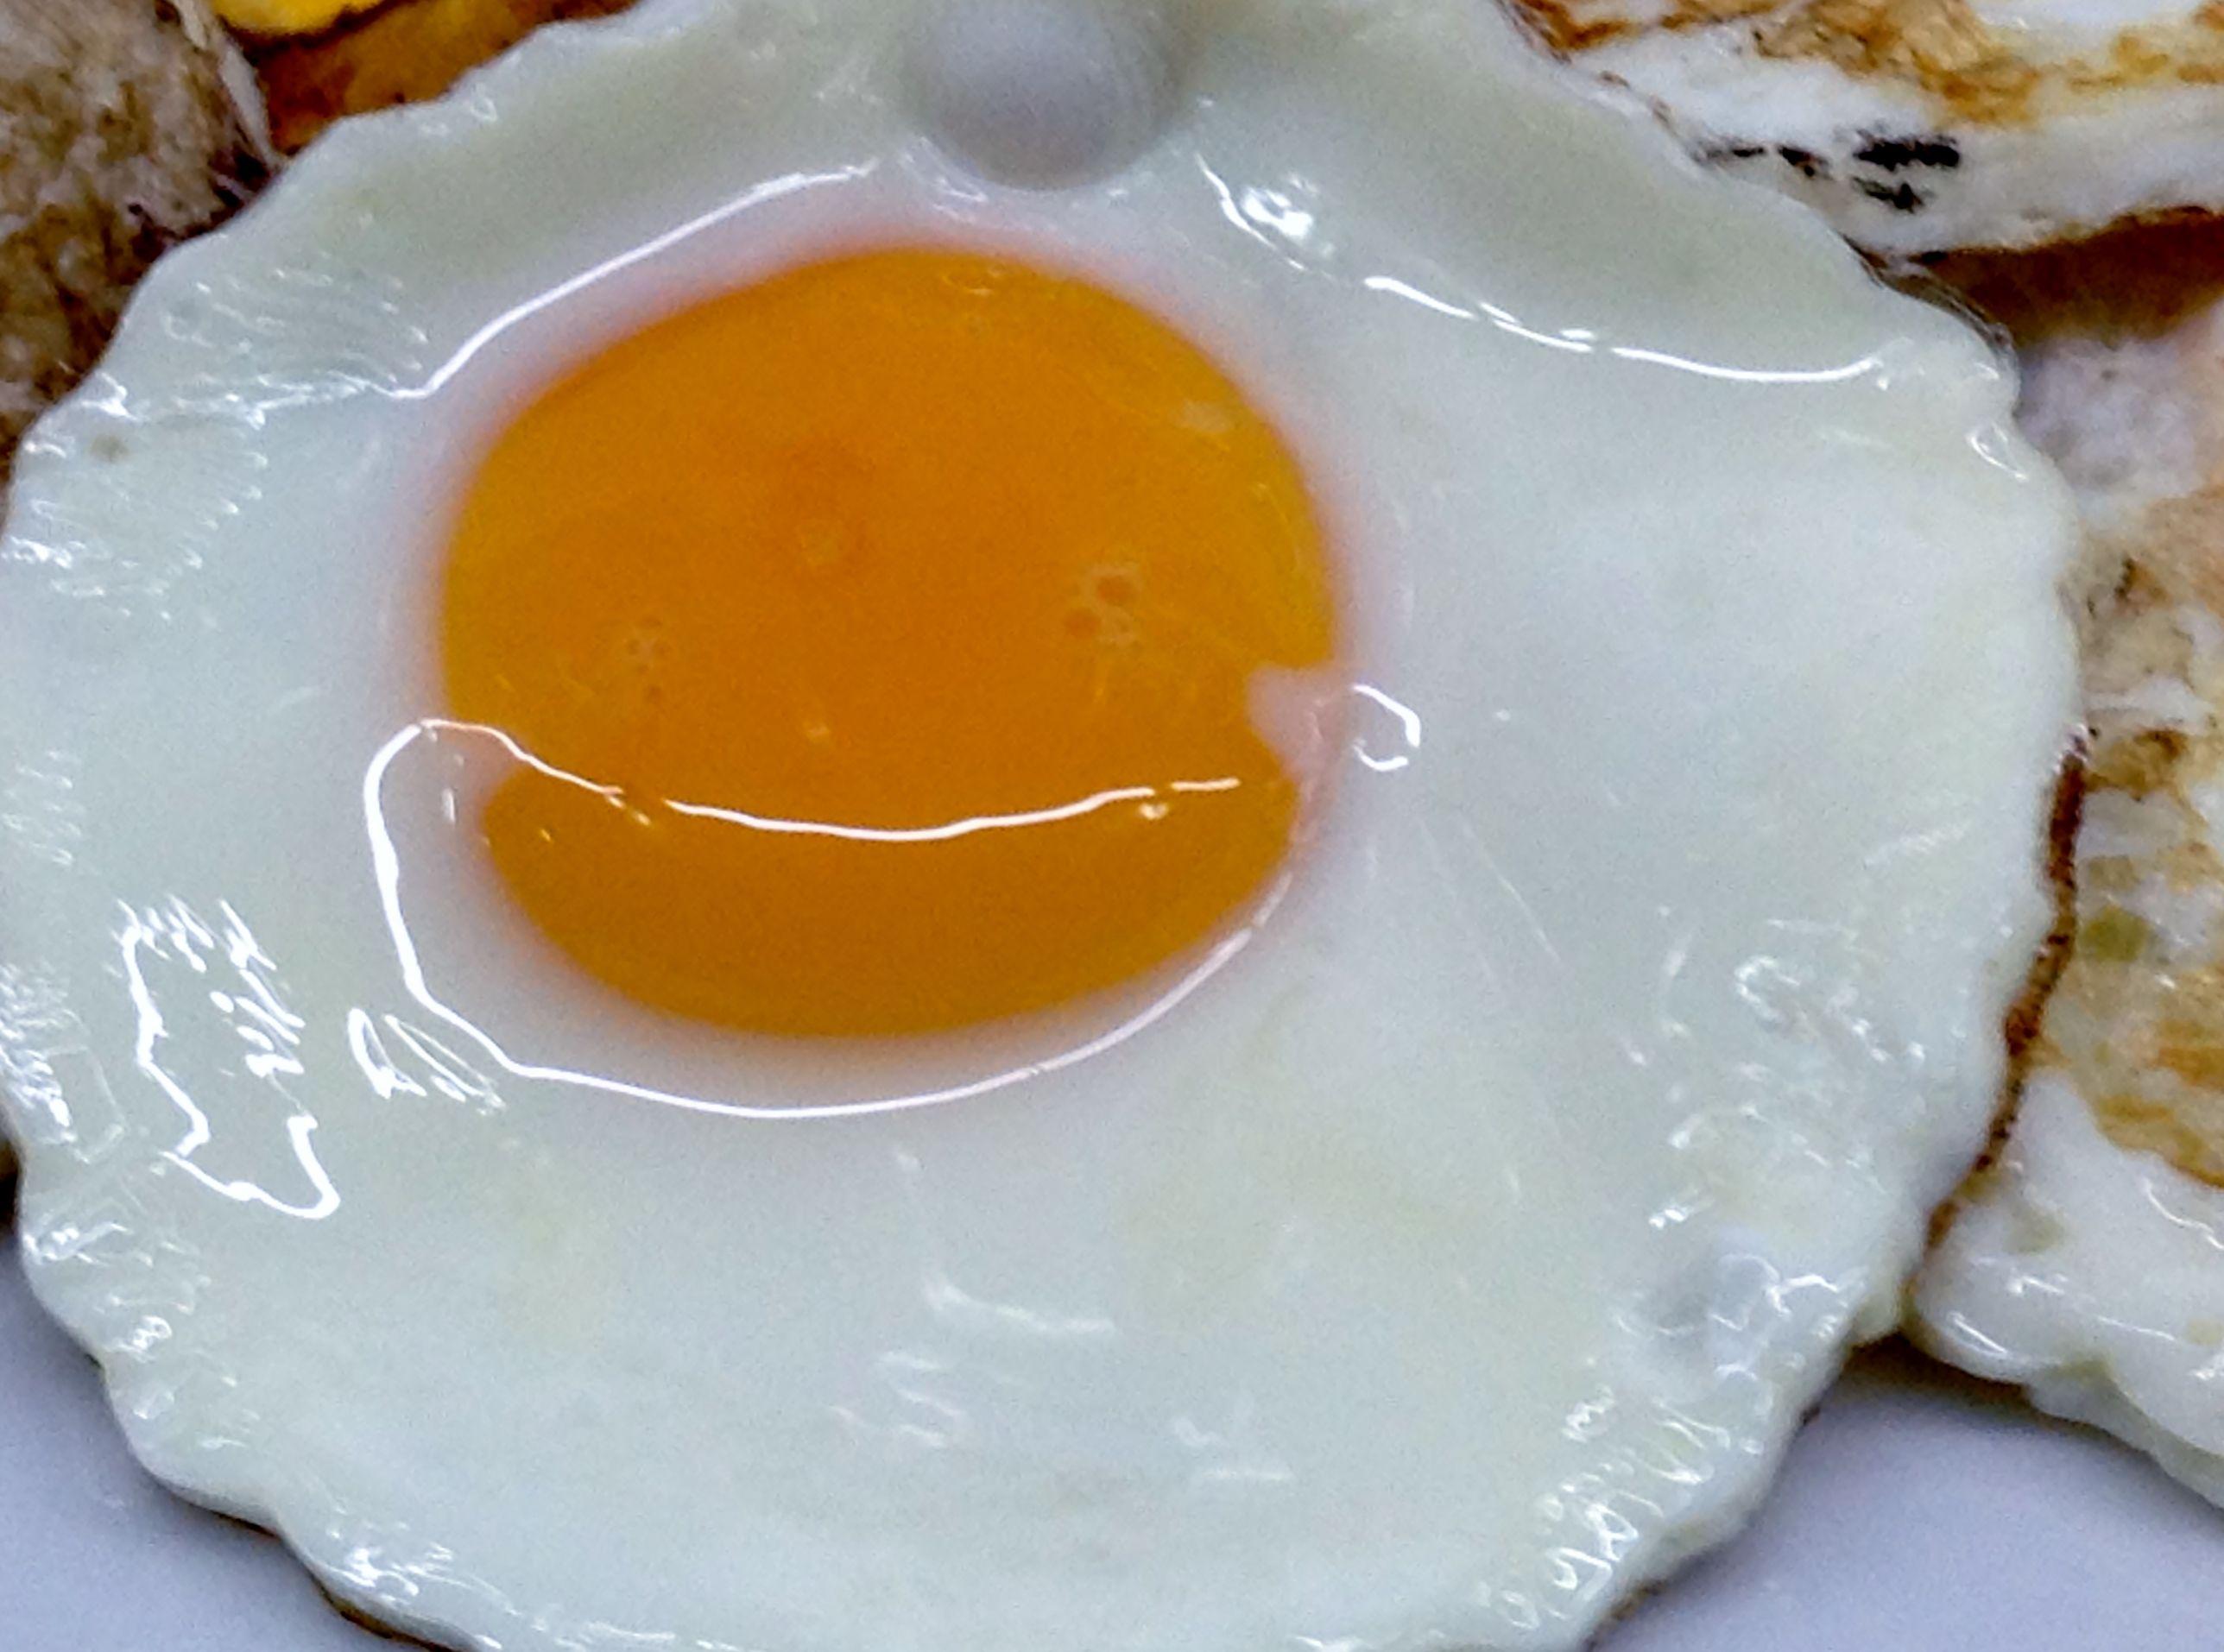 Huevo a la plancha, no tan cocido